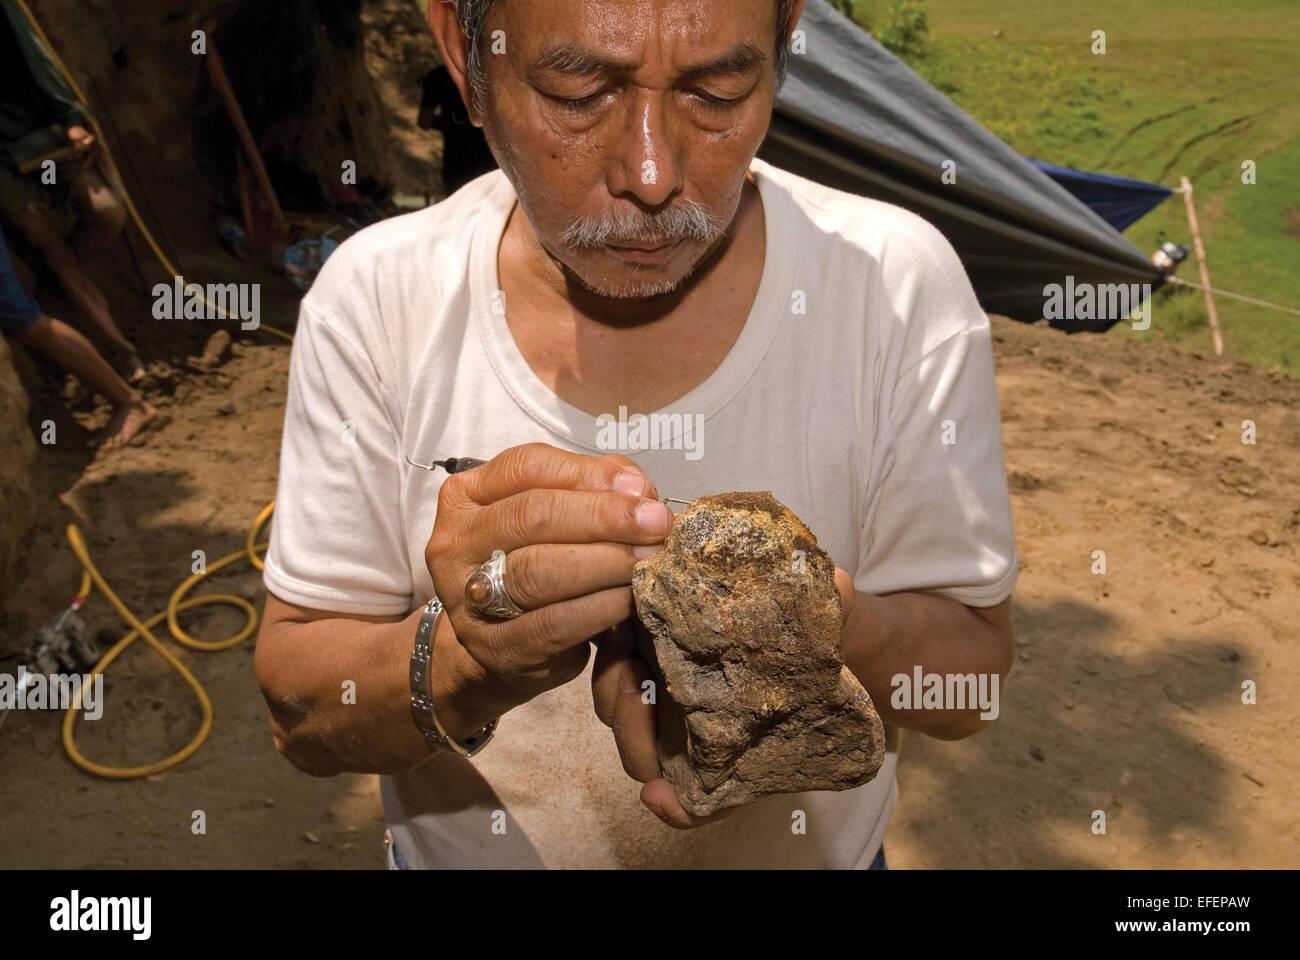 Recherche professeur de paléontologie, Fachroel Aziz, travaillant sur le site d'excavation. Photo Stock